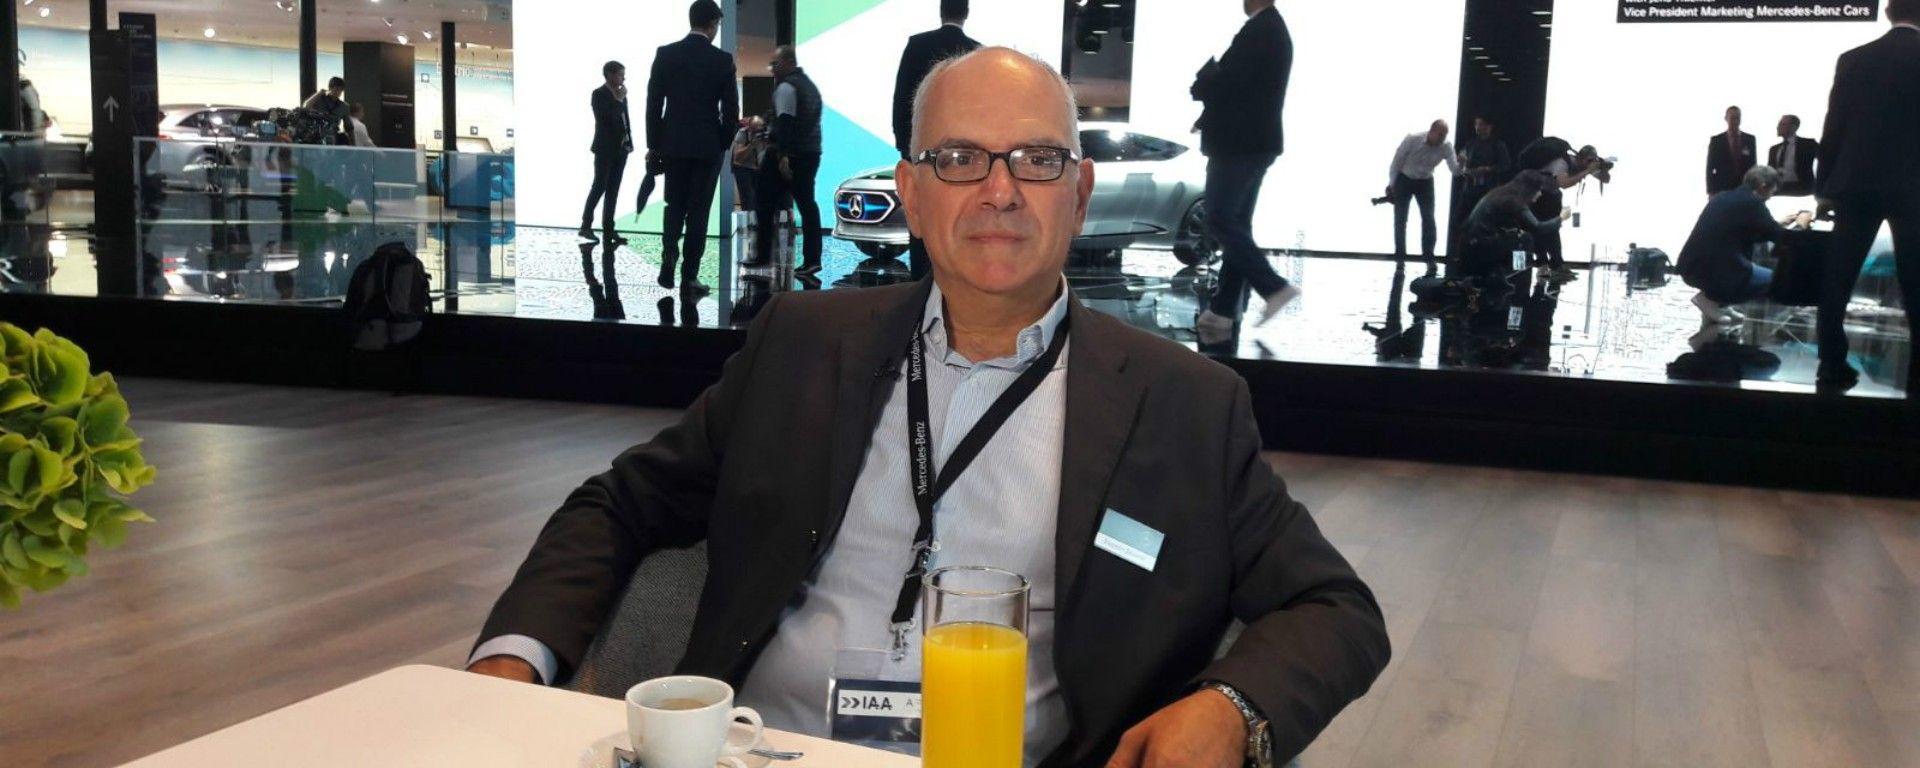 Le novità Smart raccontate da Eugenio Blasetti, Press Relation Manager di Mercedes-Benz Italia